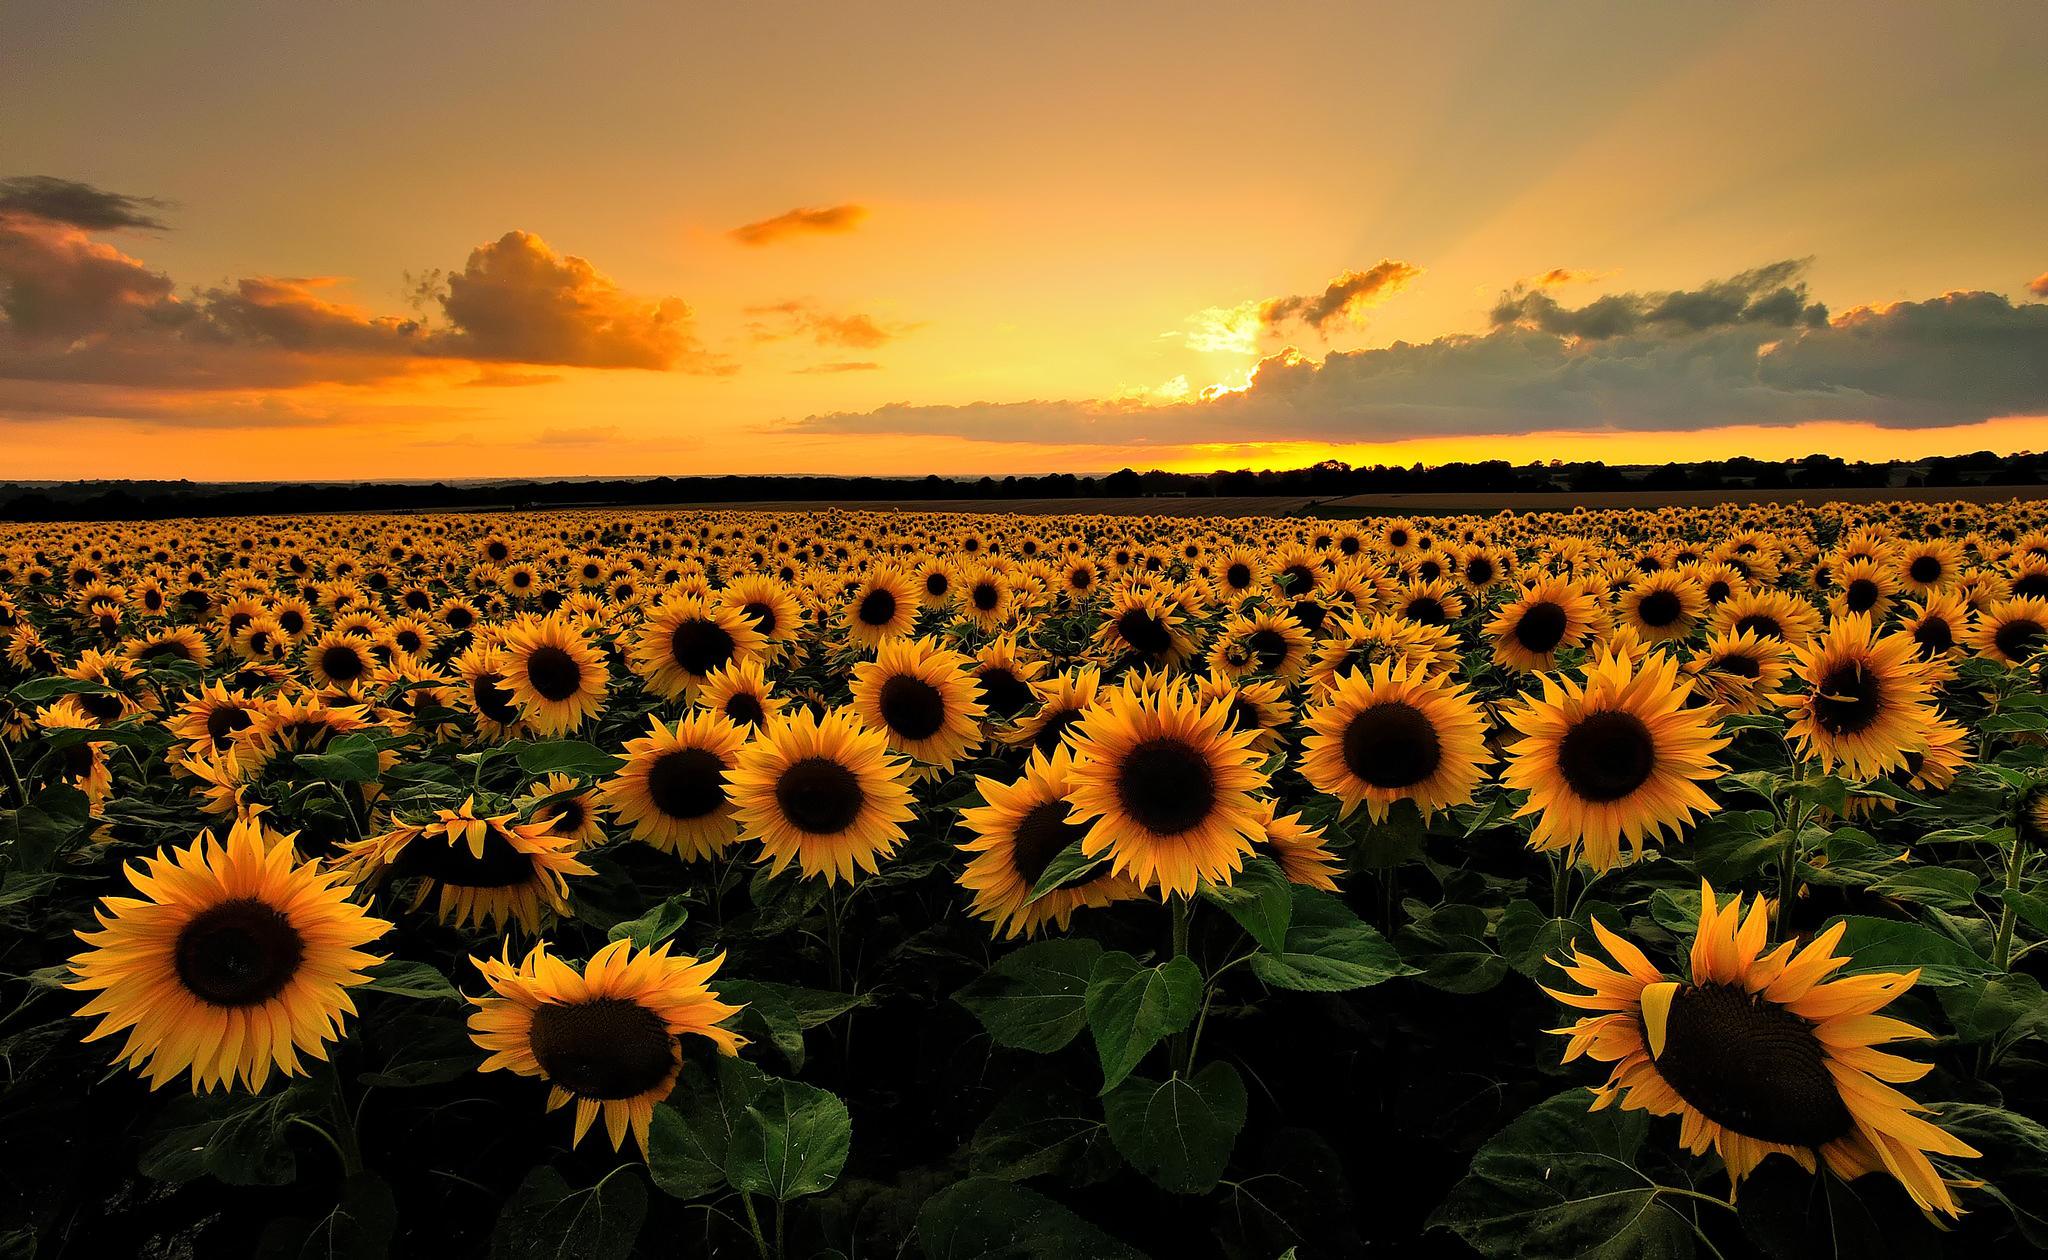 природа подсолнечник цветы nature sunflower flowers  № 2672050 загрузить